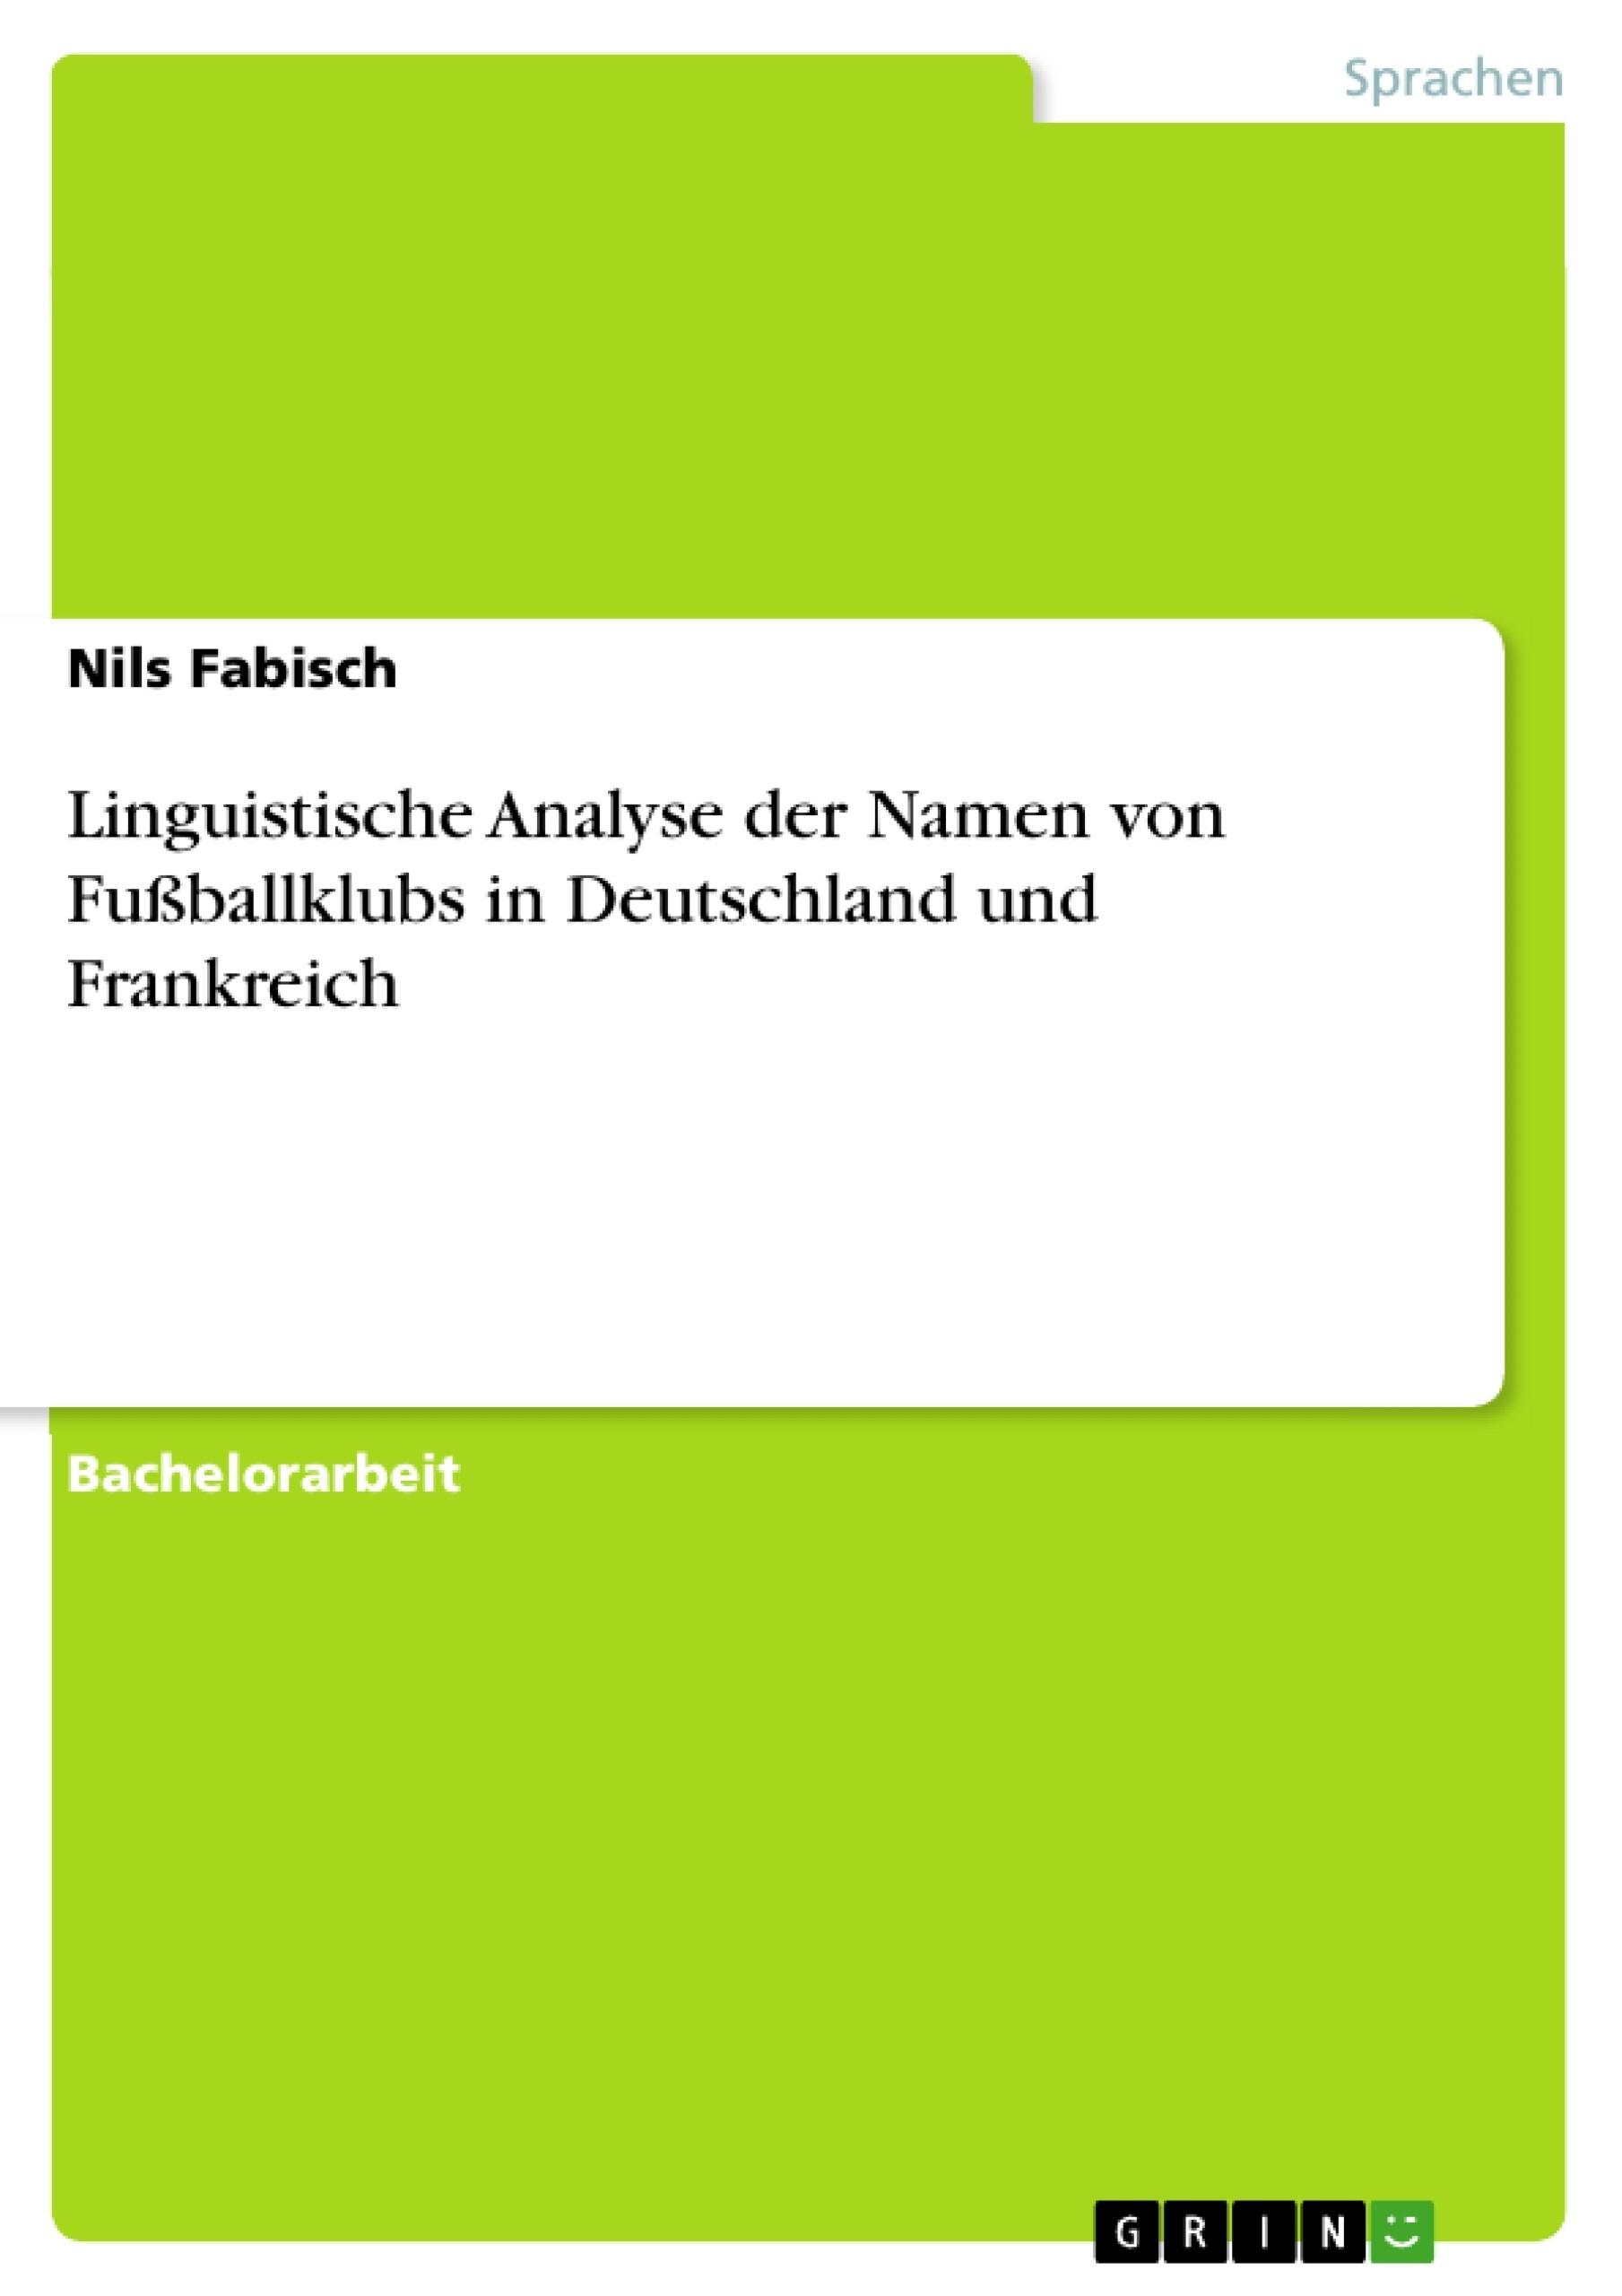 Titel: Linguistische Analyse der Namen von Fußballklubs in Deutschland und Frankreich